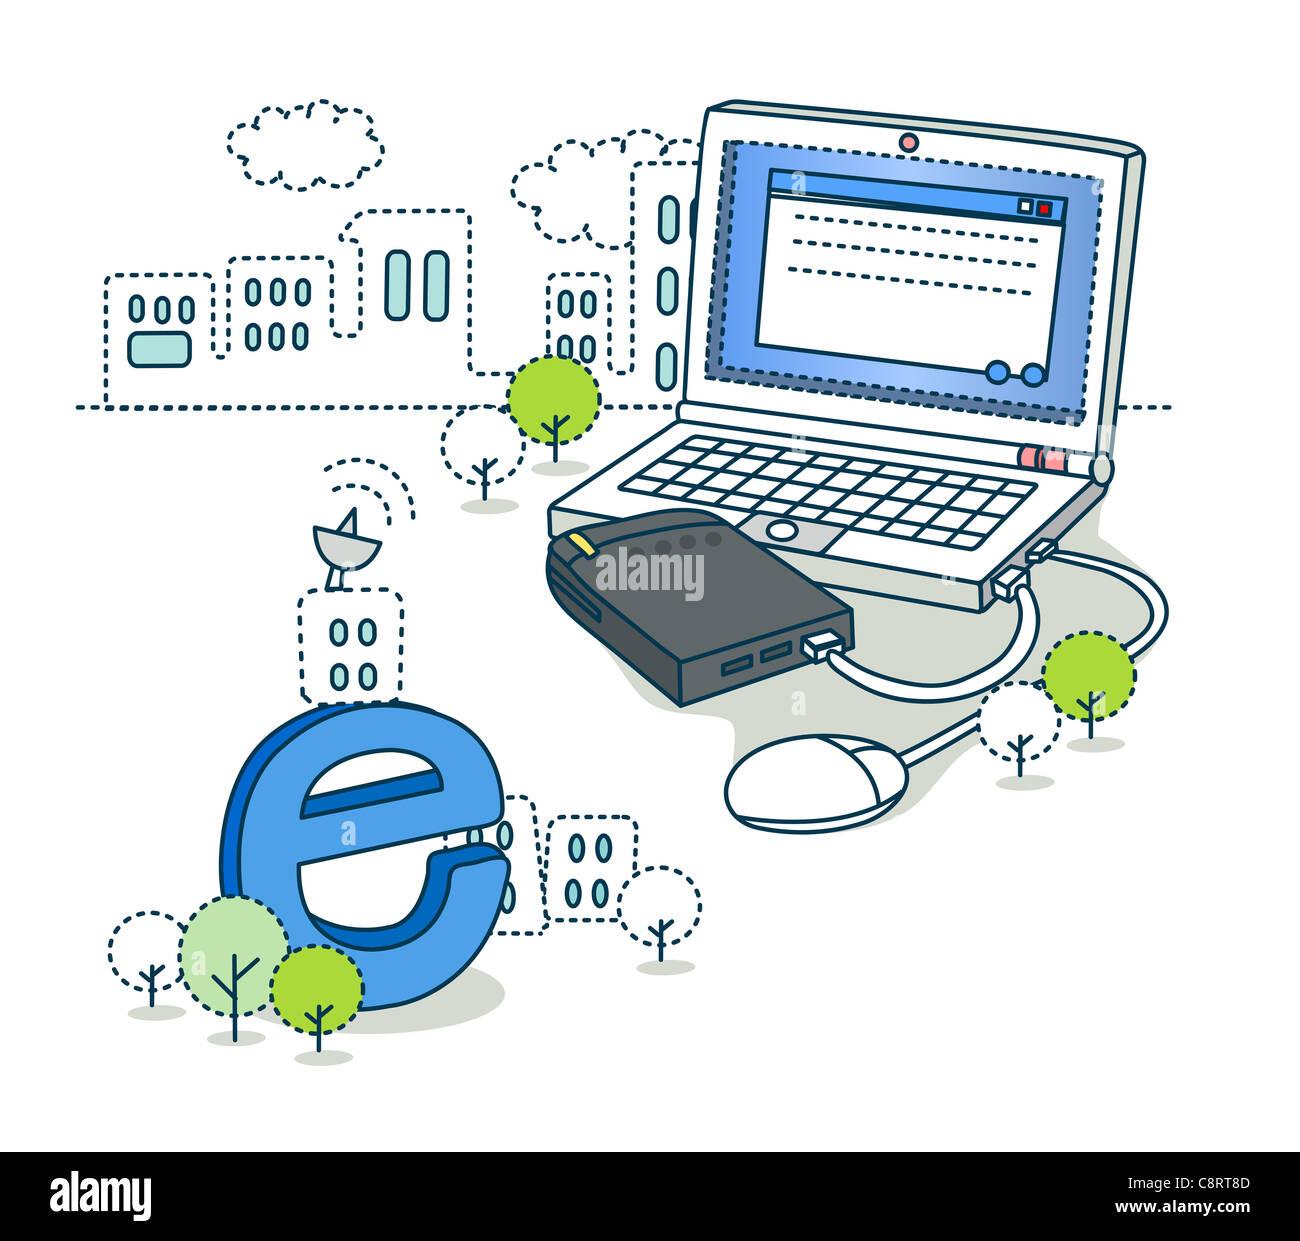 Modem Laptop Stock Photos & Modem Laptop Stock Images - Alamy